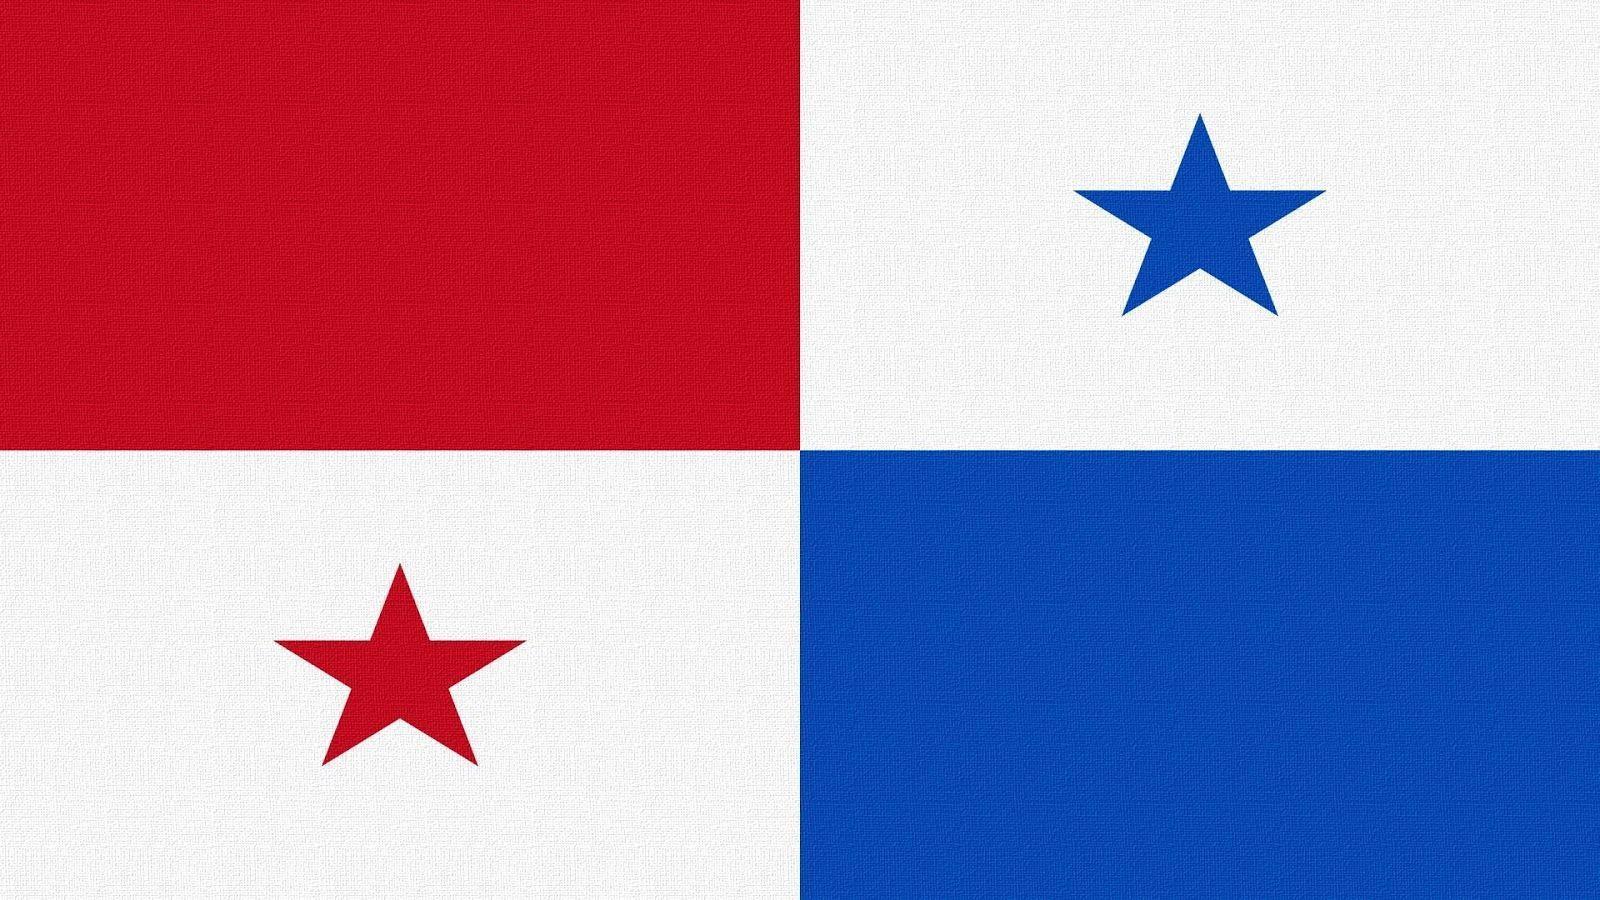 Flag Hd Pics Download ✓ Kamos HD Wallpaper